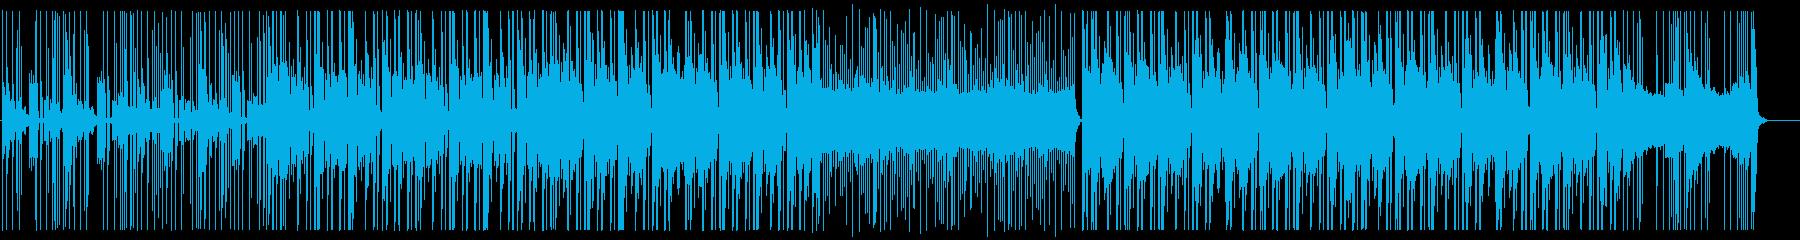 緊迫、バイオレンス、ヒップホップ①の再生済みの波形